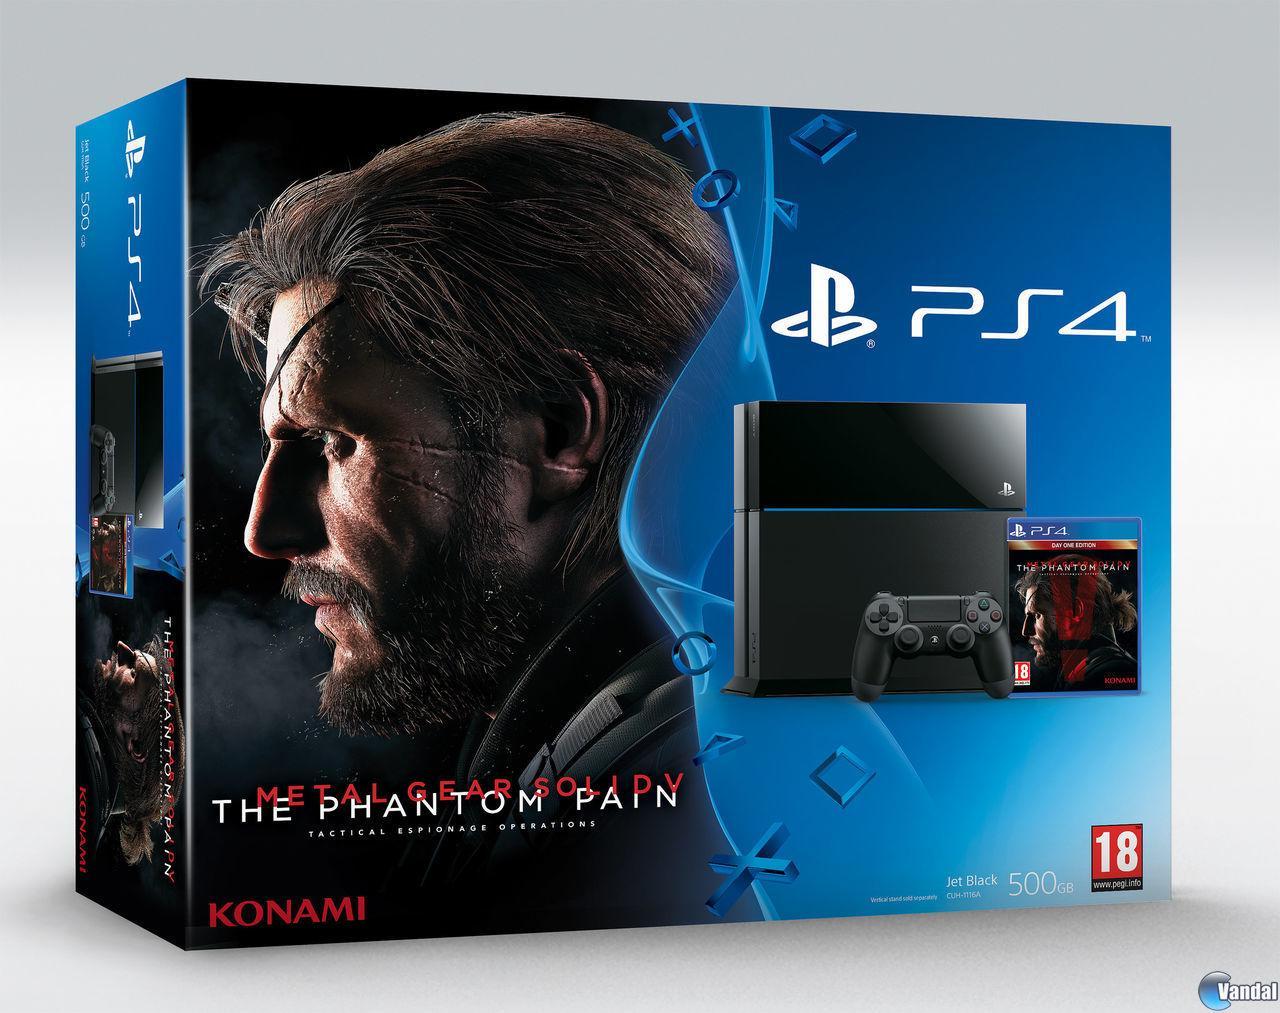 La PS4 Edición Limitada de Metal Gear Solid V: The Phantom Pain llegará a Europa 201569151524_5